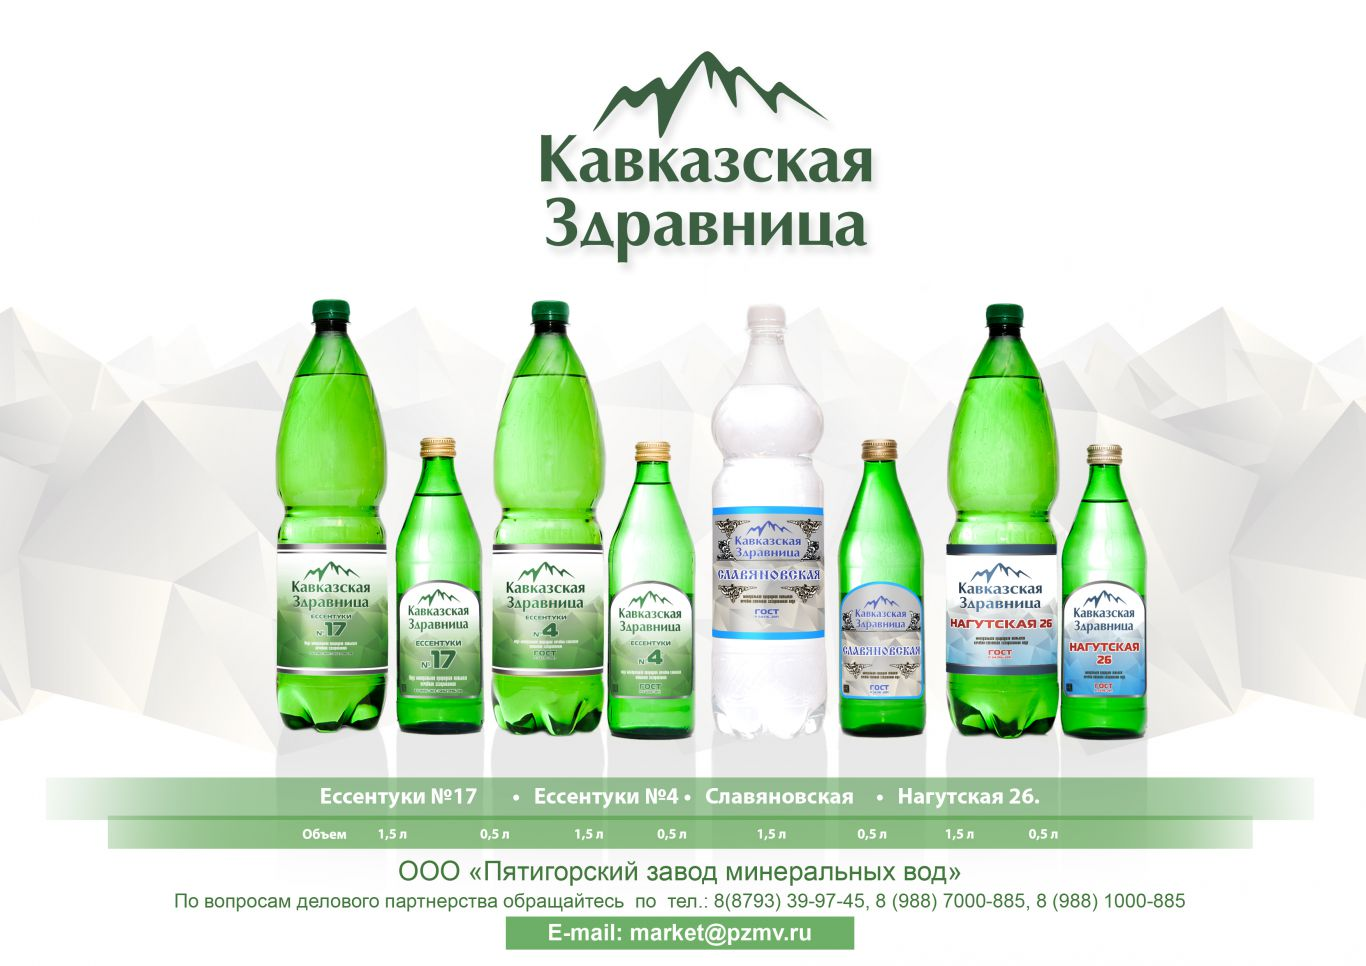 Оборудование для производства пива в России – цены